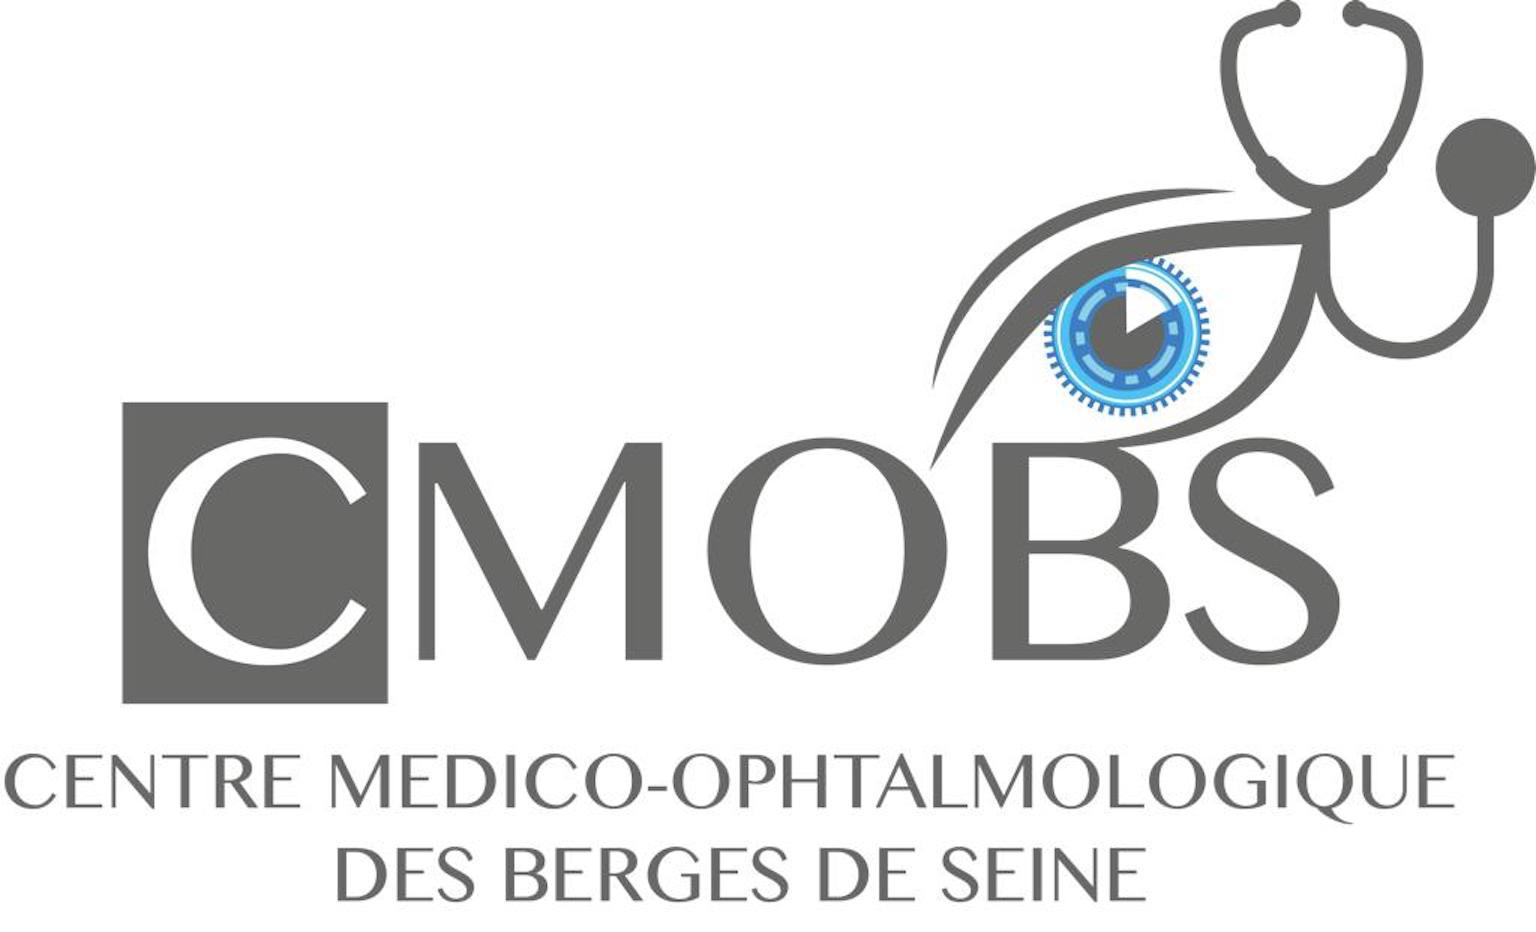 Centre Médico-Ophtalmologique des Berges de Seine